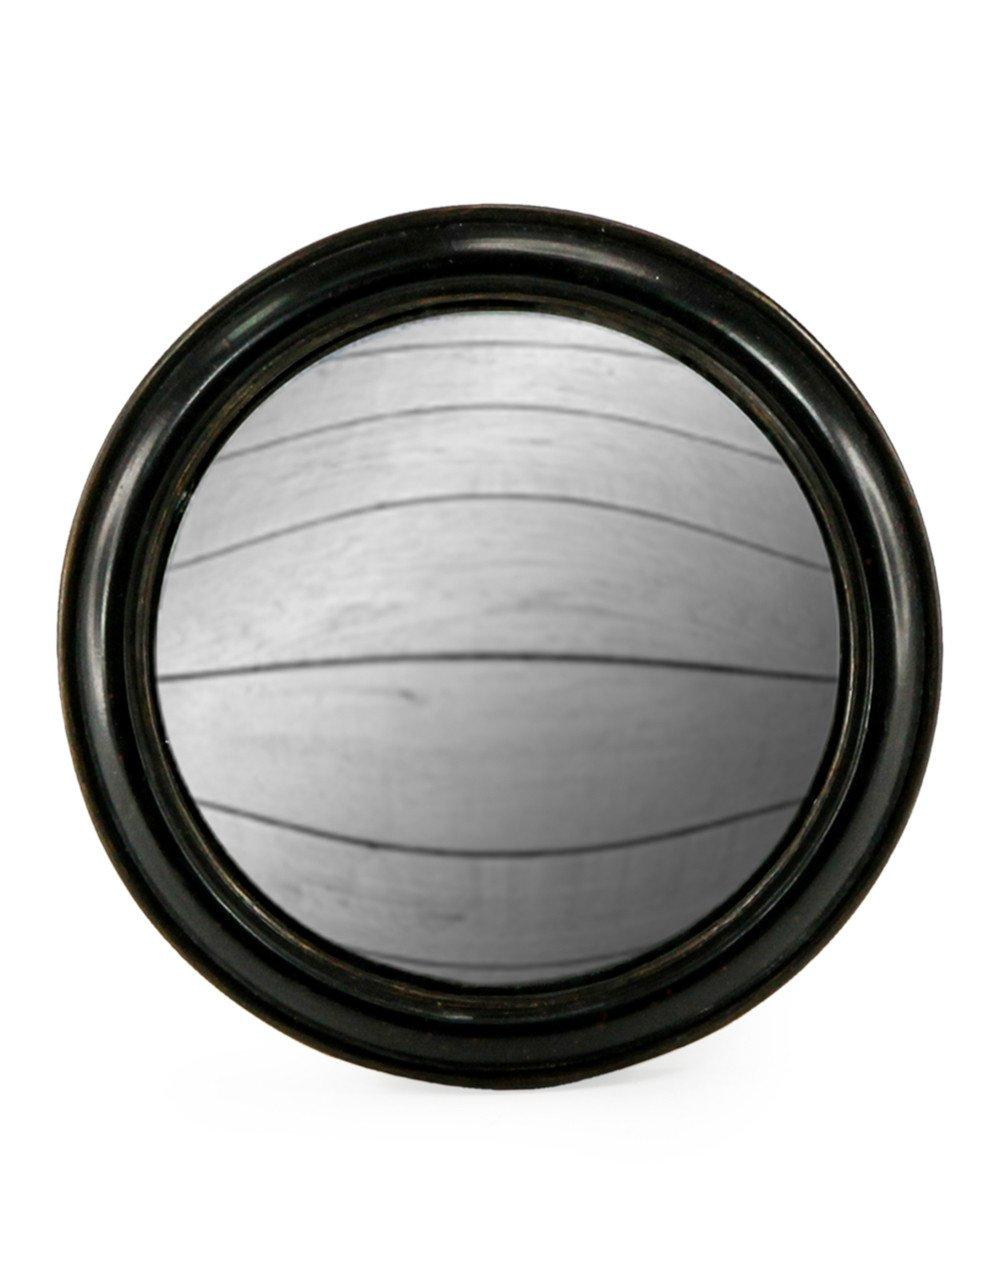 Specchio fisheye, convesso e rotondo, con cornice nera sottile in legno, 23 cm